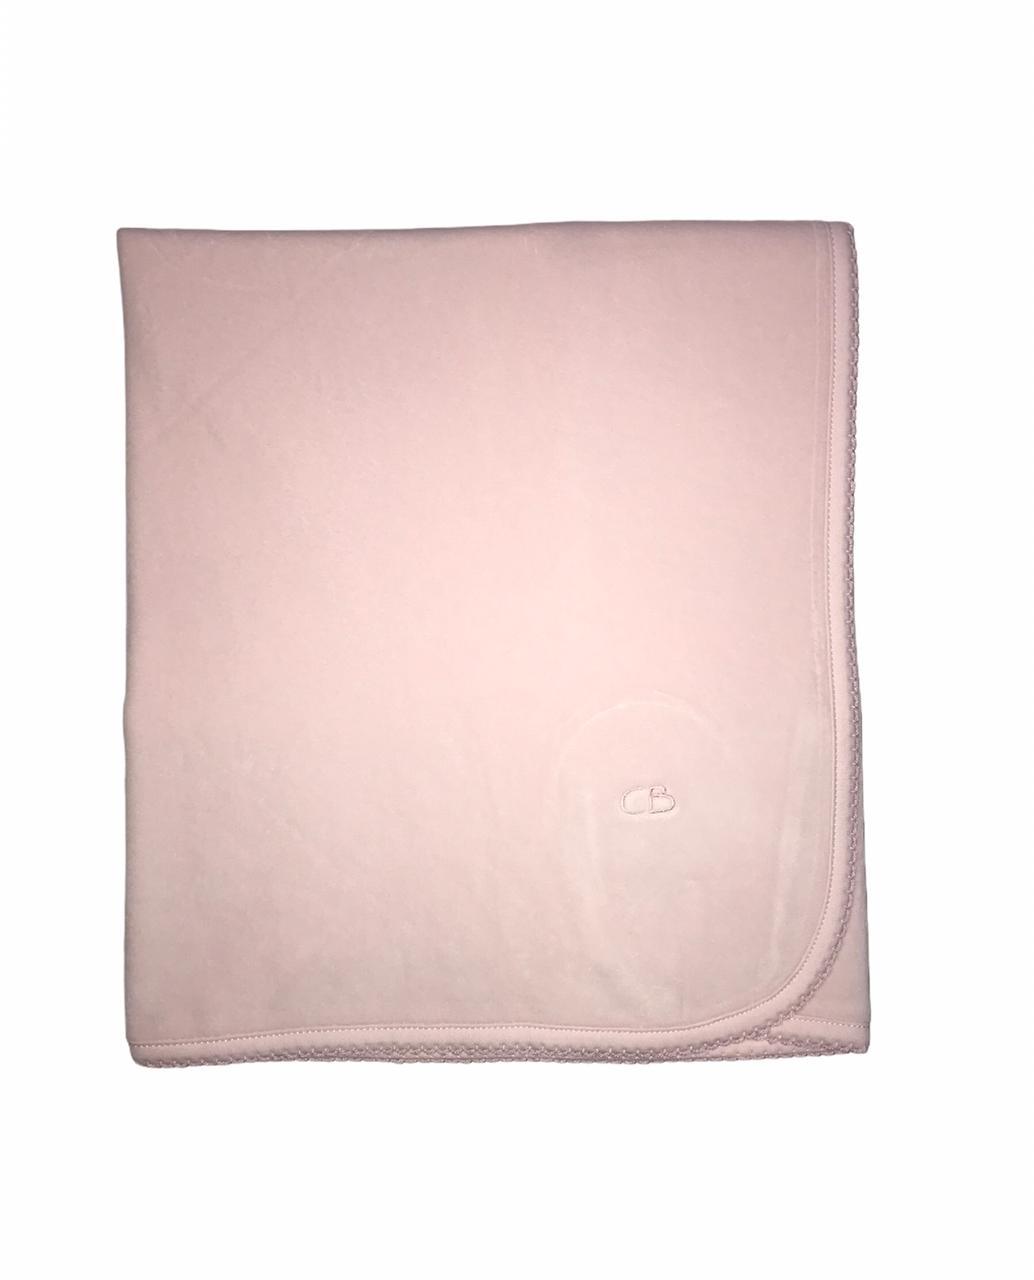 Manta basica plush rosa